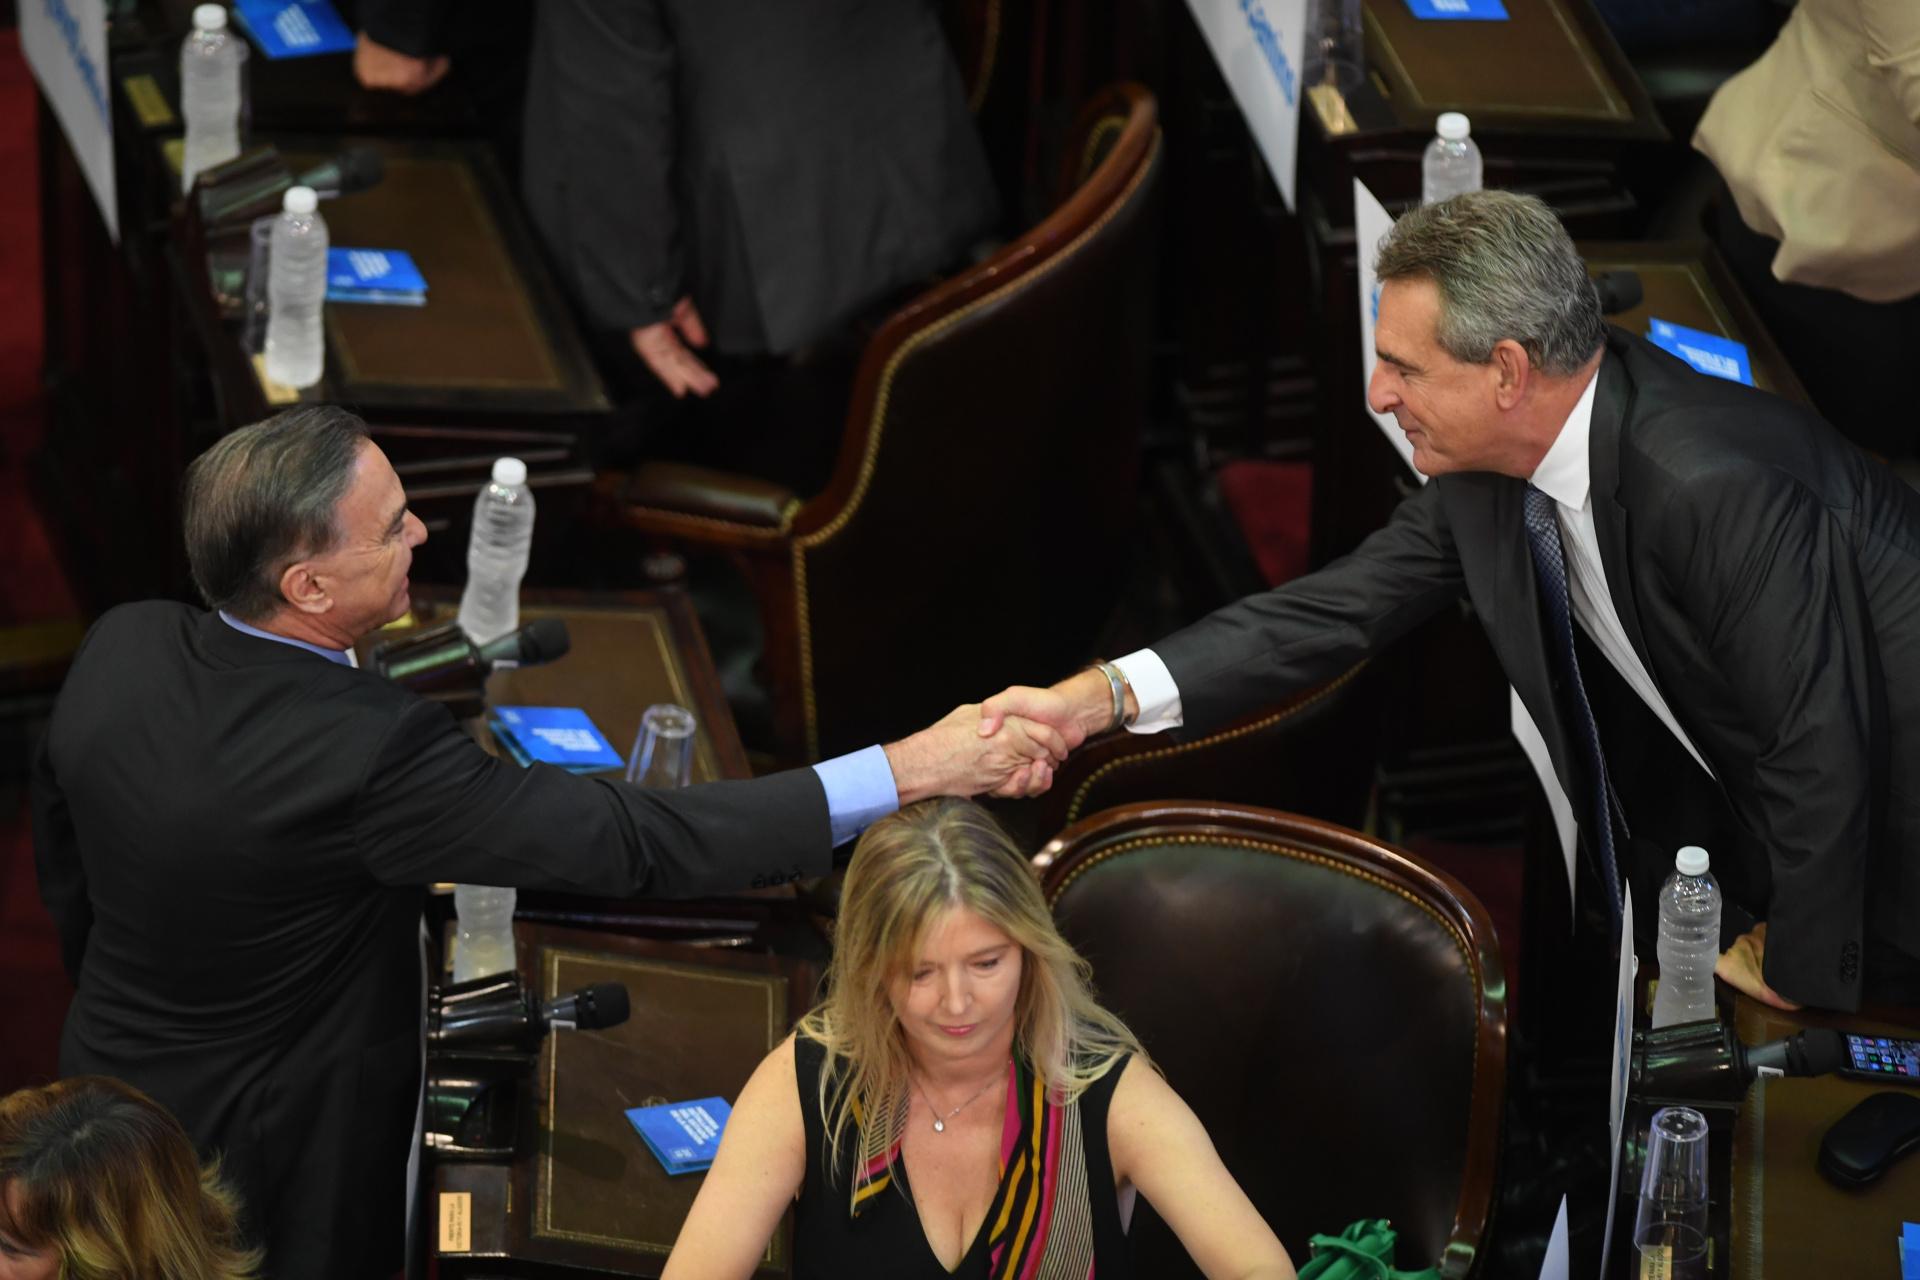 Antes compañeros, ahora en veredas opuestas: Agustín Rossi saluda a Miguel Ángel Pichetto